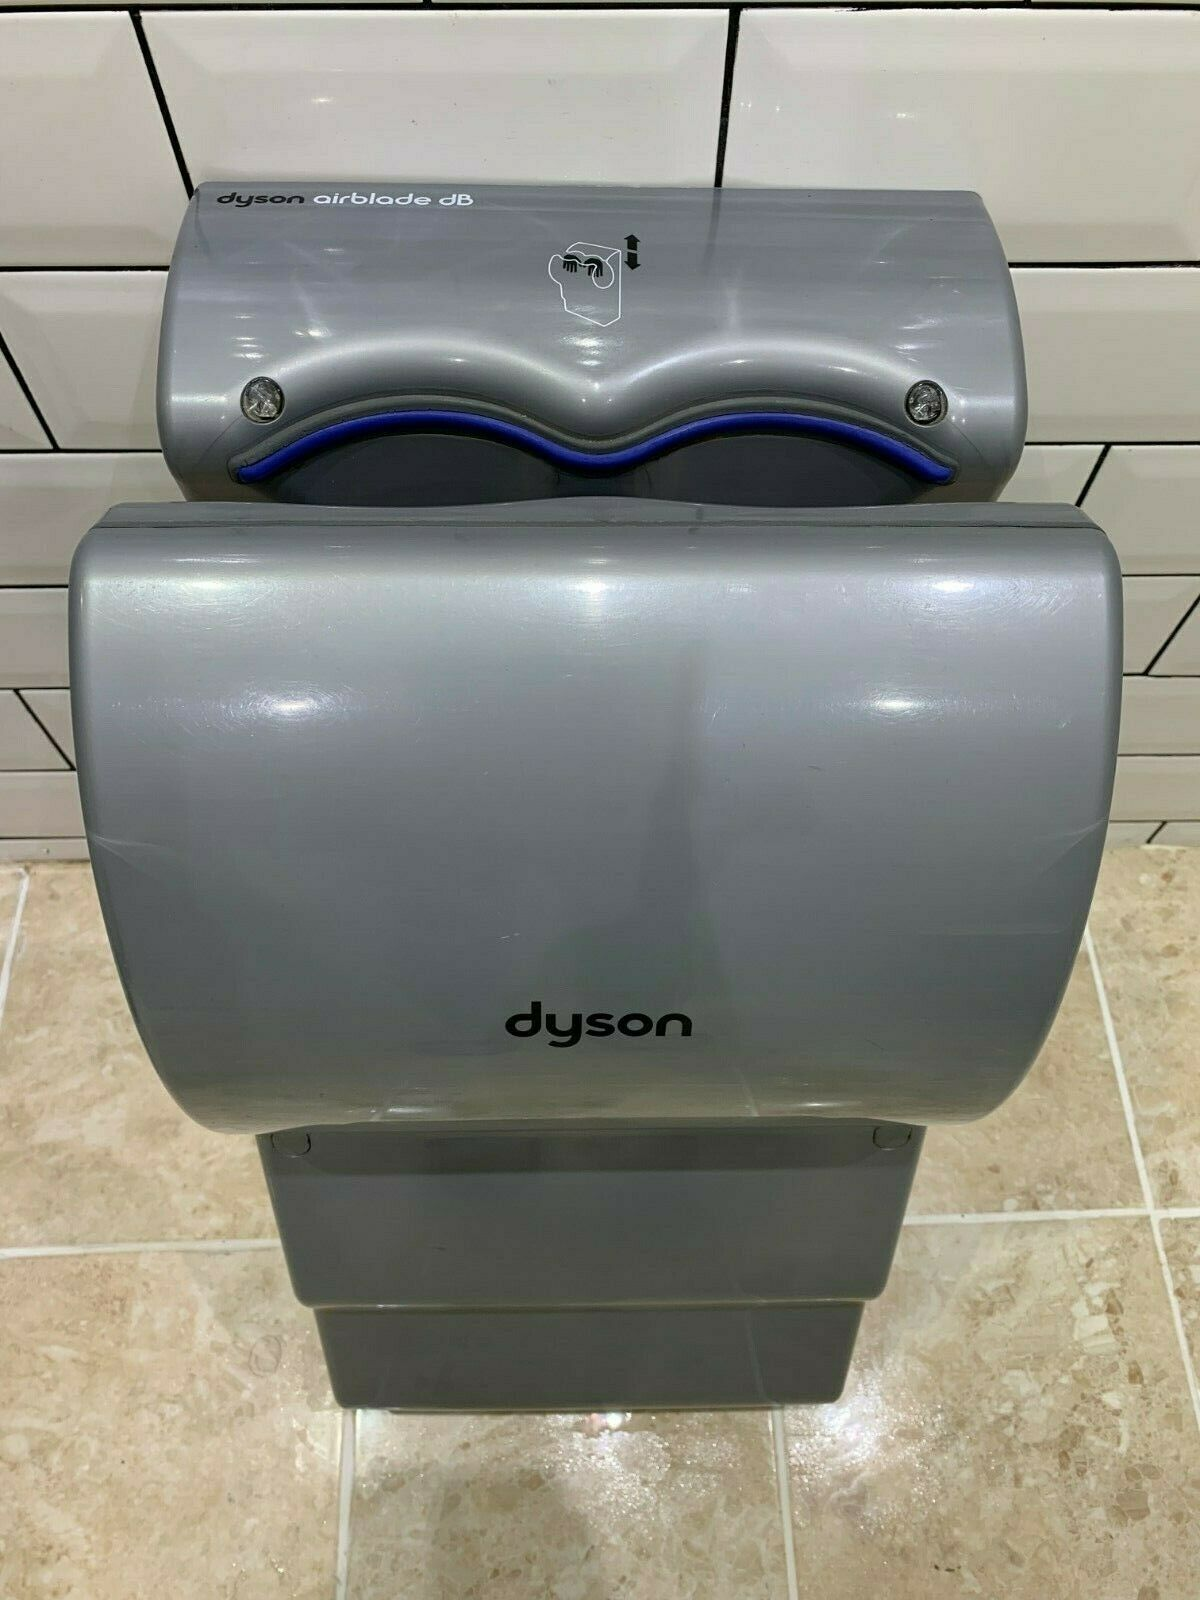 Dyson Airblade DB AB14 Hand Dryer (grey) with blue trim